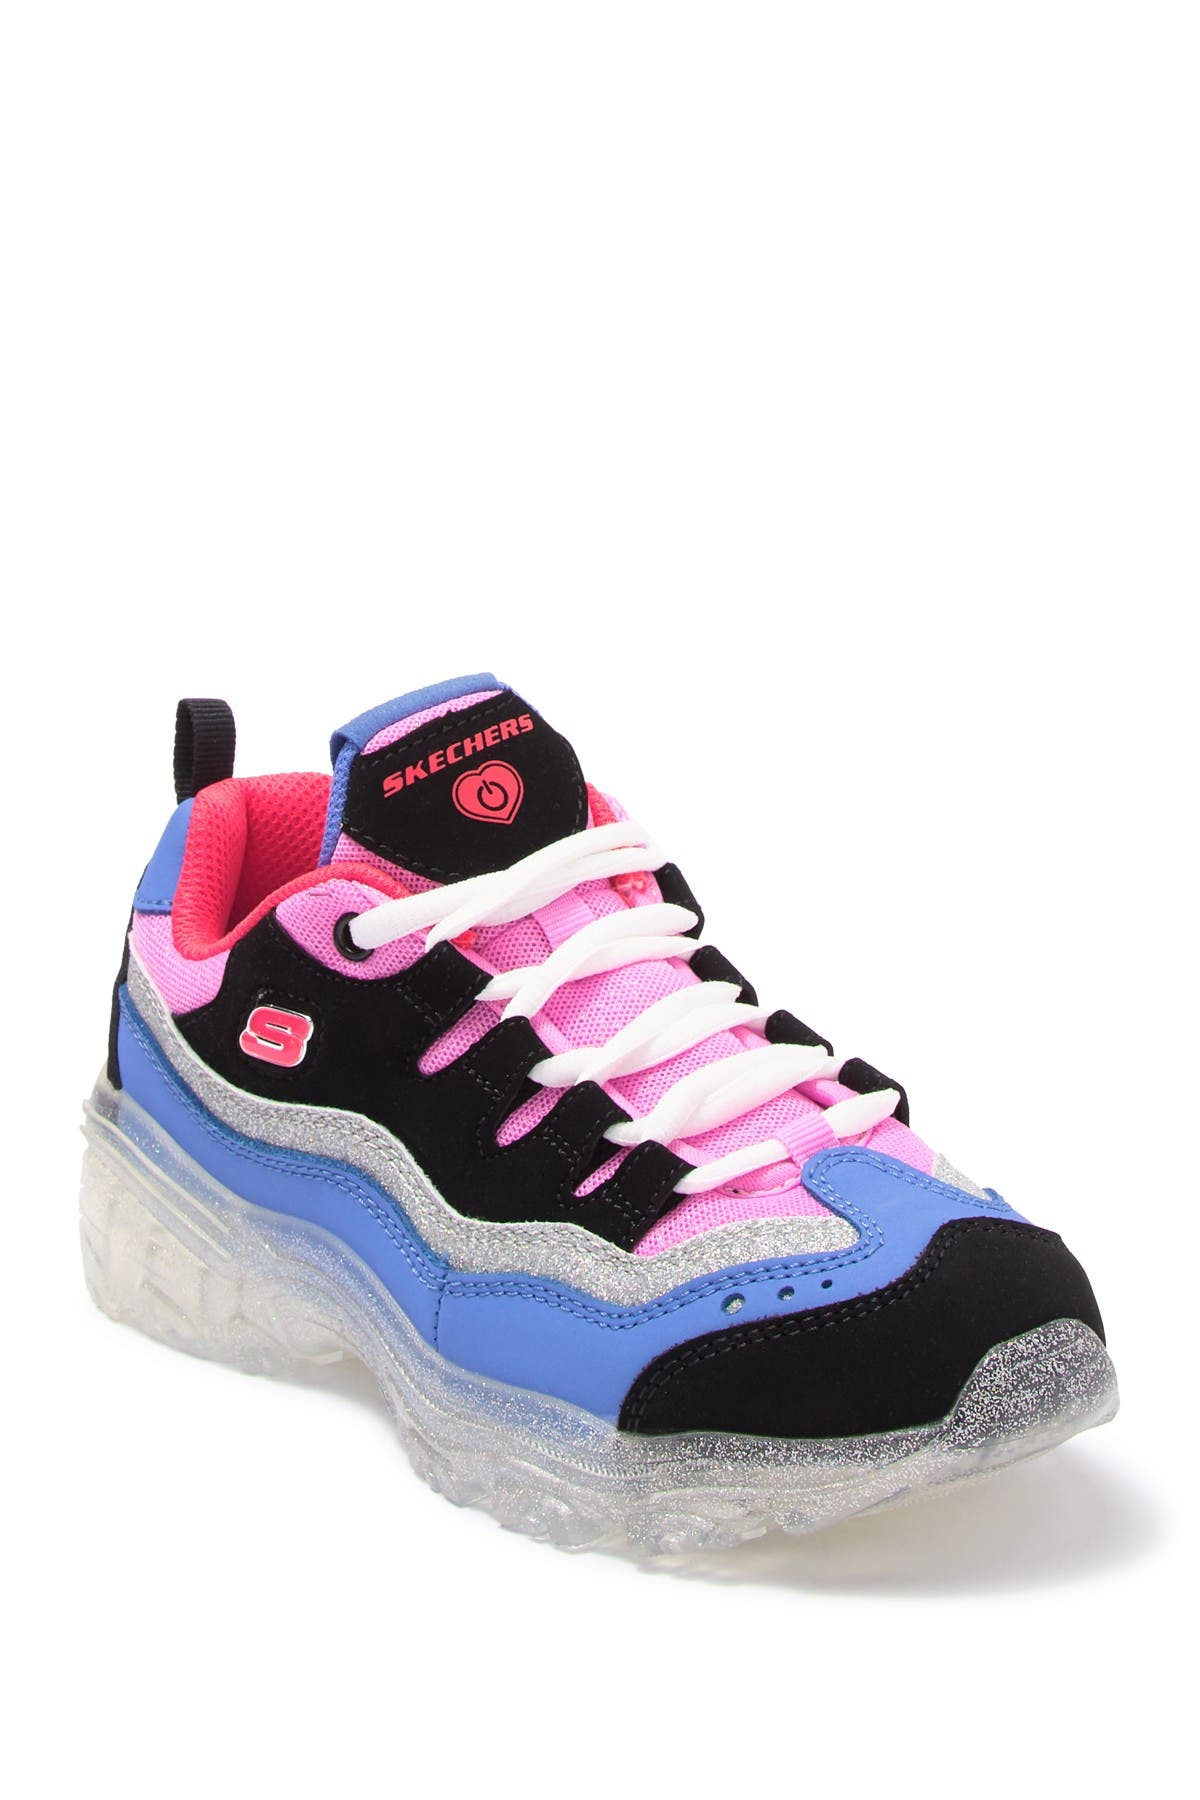 skechers light up soles